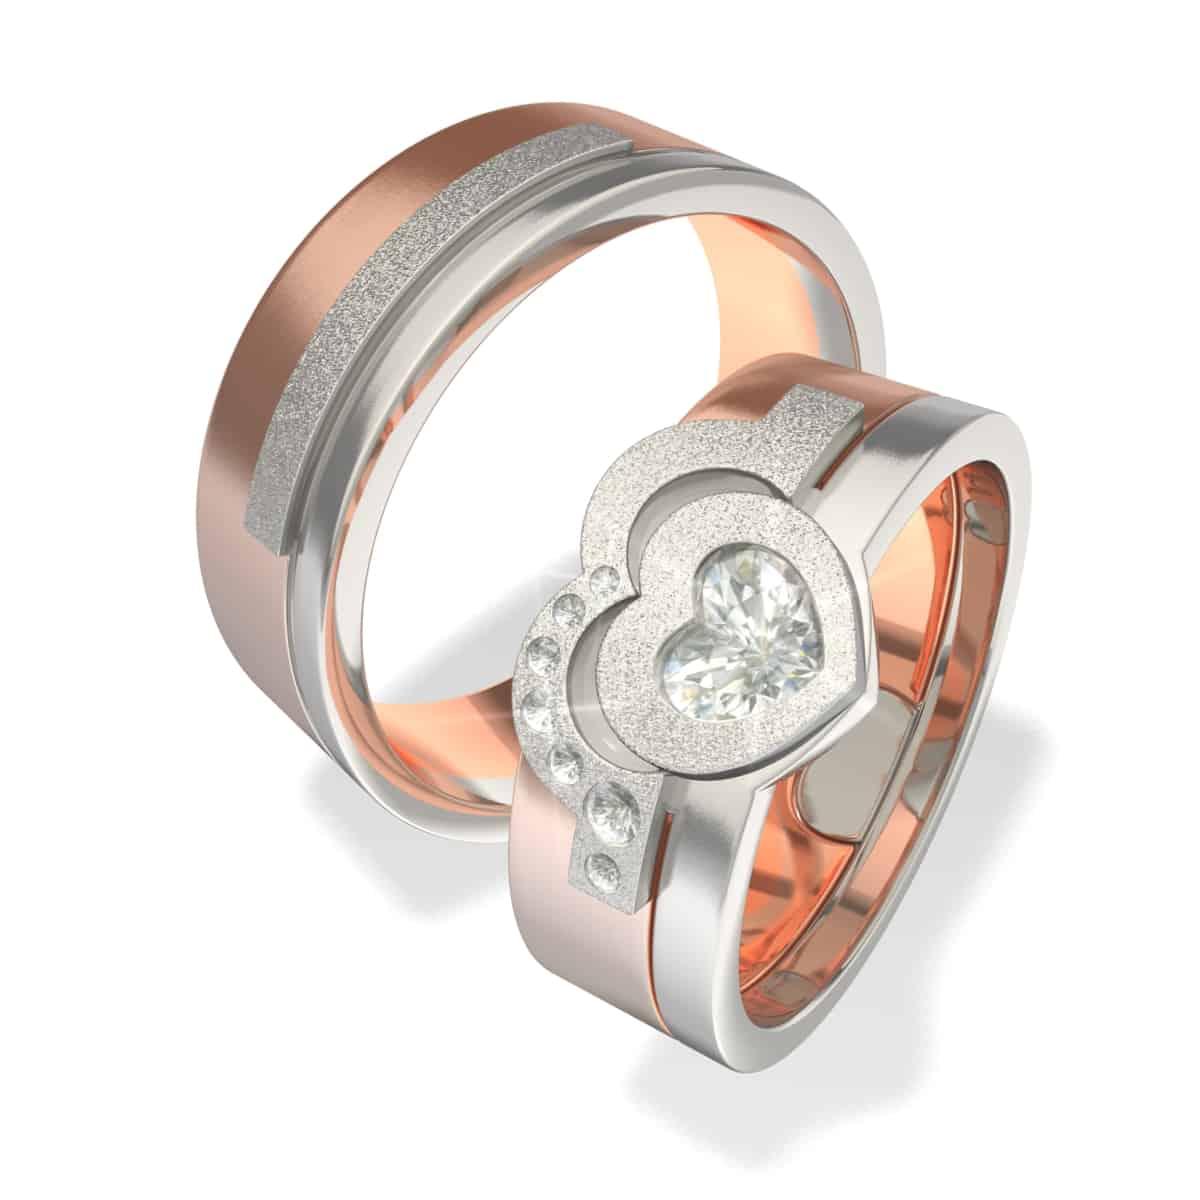 Zlatnictví Kalaš snubní prsteny 5023 růžové zlato